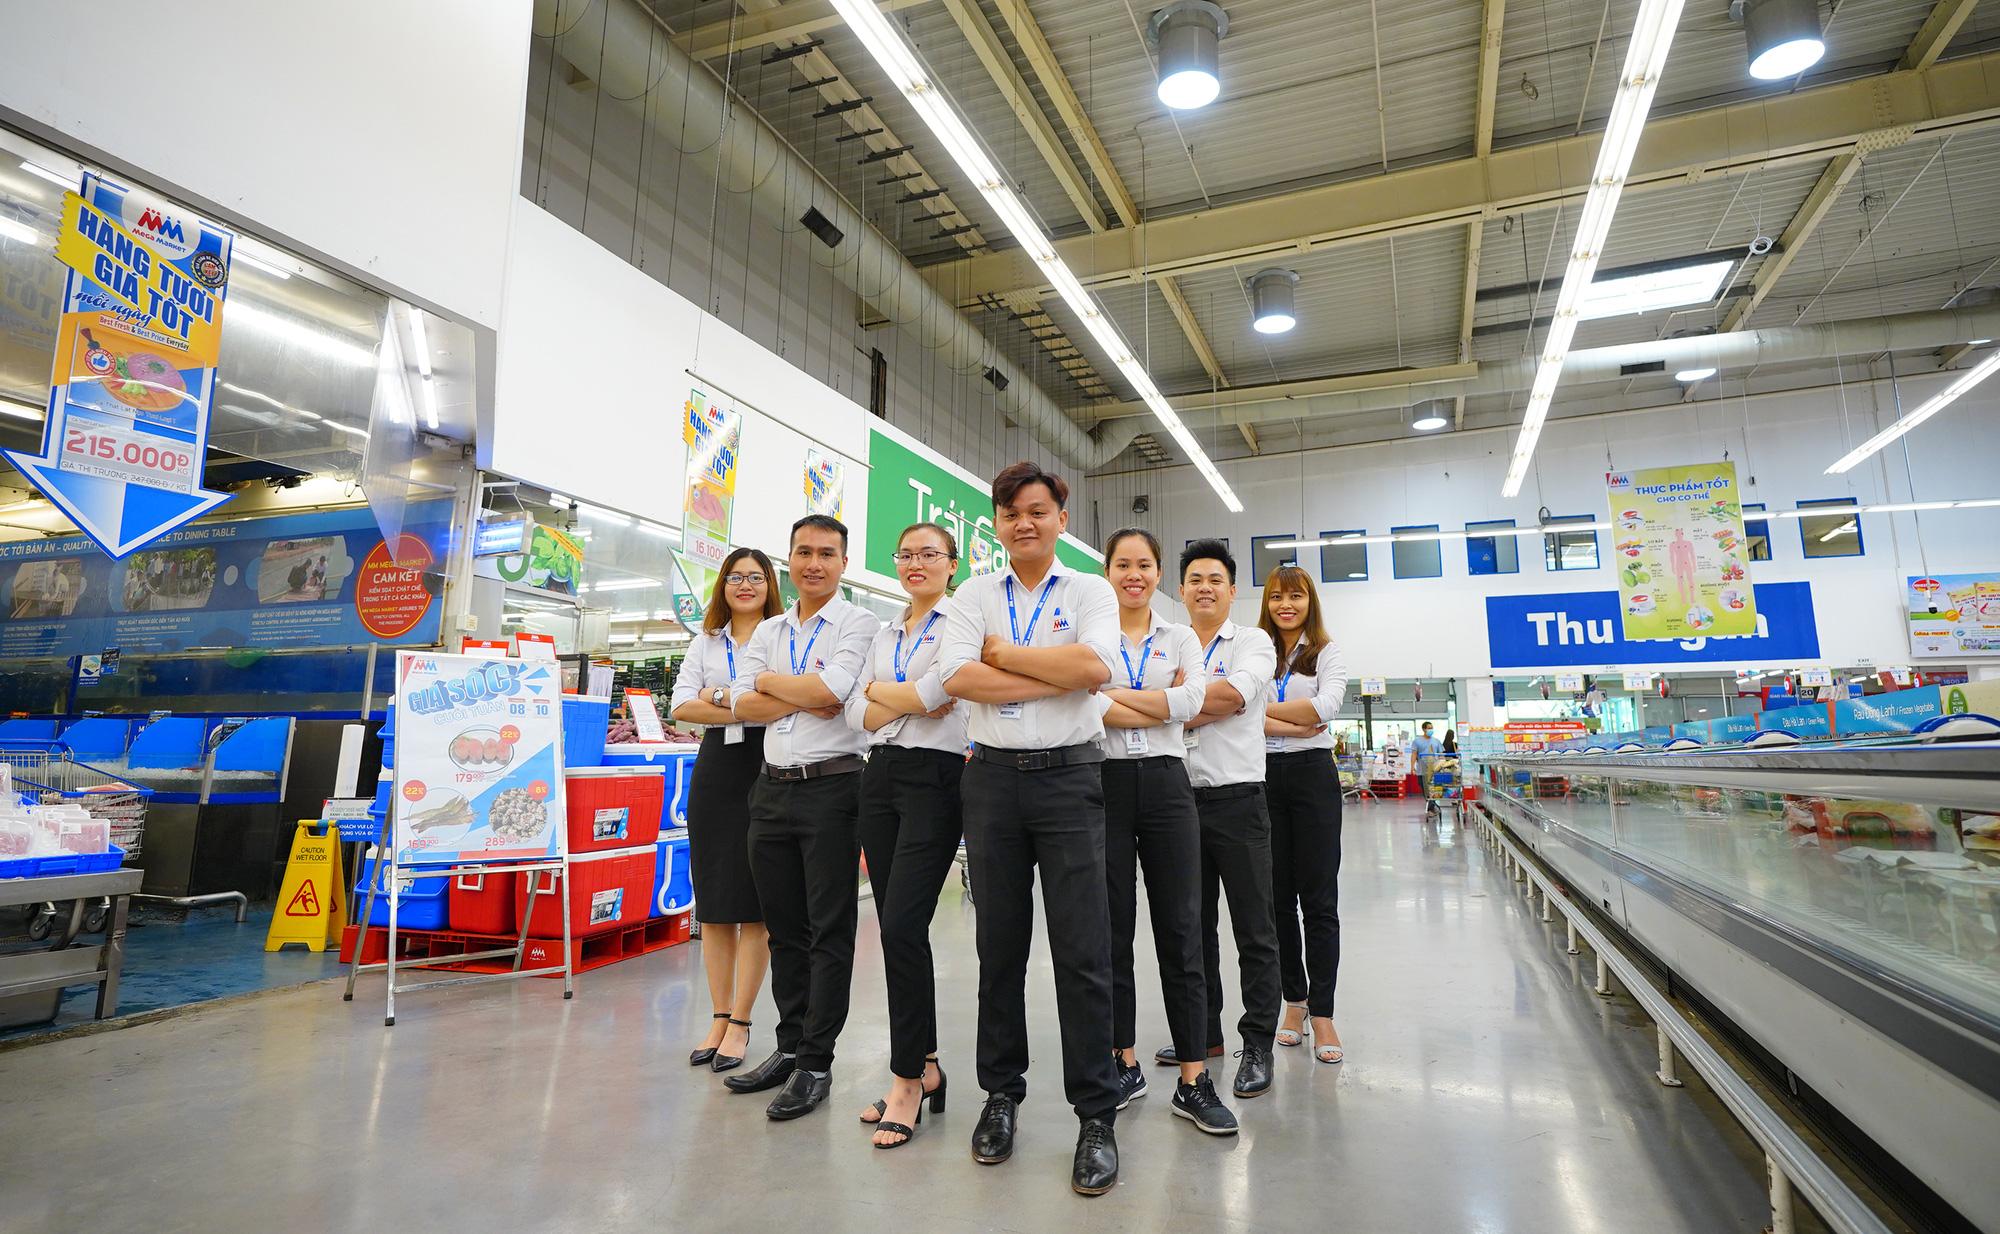 MM Mega Market Việt Nam: Chúng tôi học được rất nhiều sau 3 tháng Việt Nam chiến đấu với đại dịch Covid-19, đã đến lúc phải triển khai sớm hơn những chiến lược định sẵn - Ảnh 7.